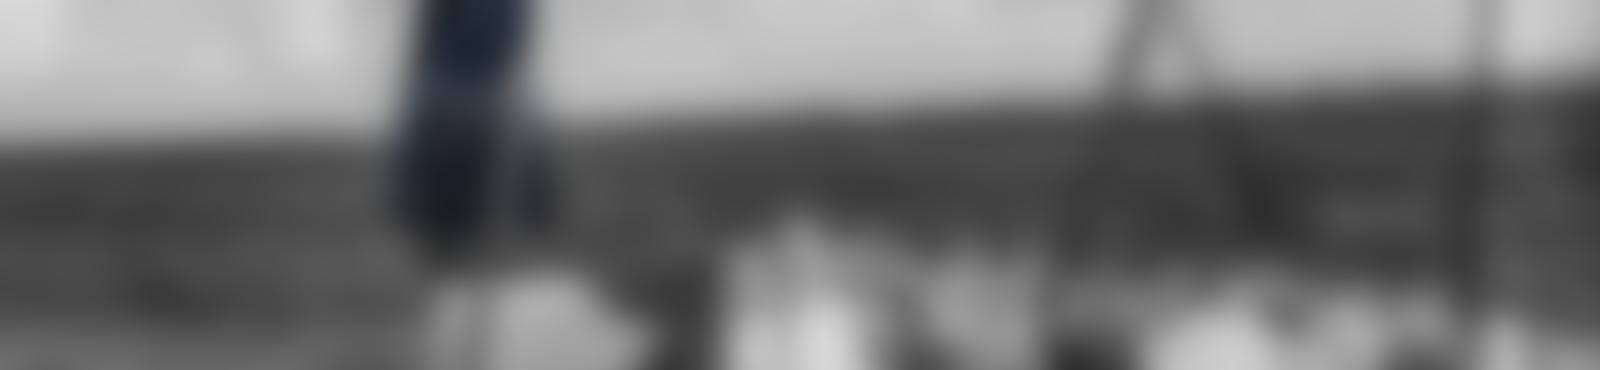 Blurred 46f41069 886a 4d58 9c43 20c091bca5ce